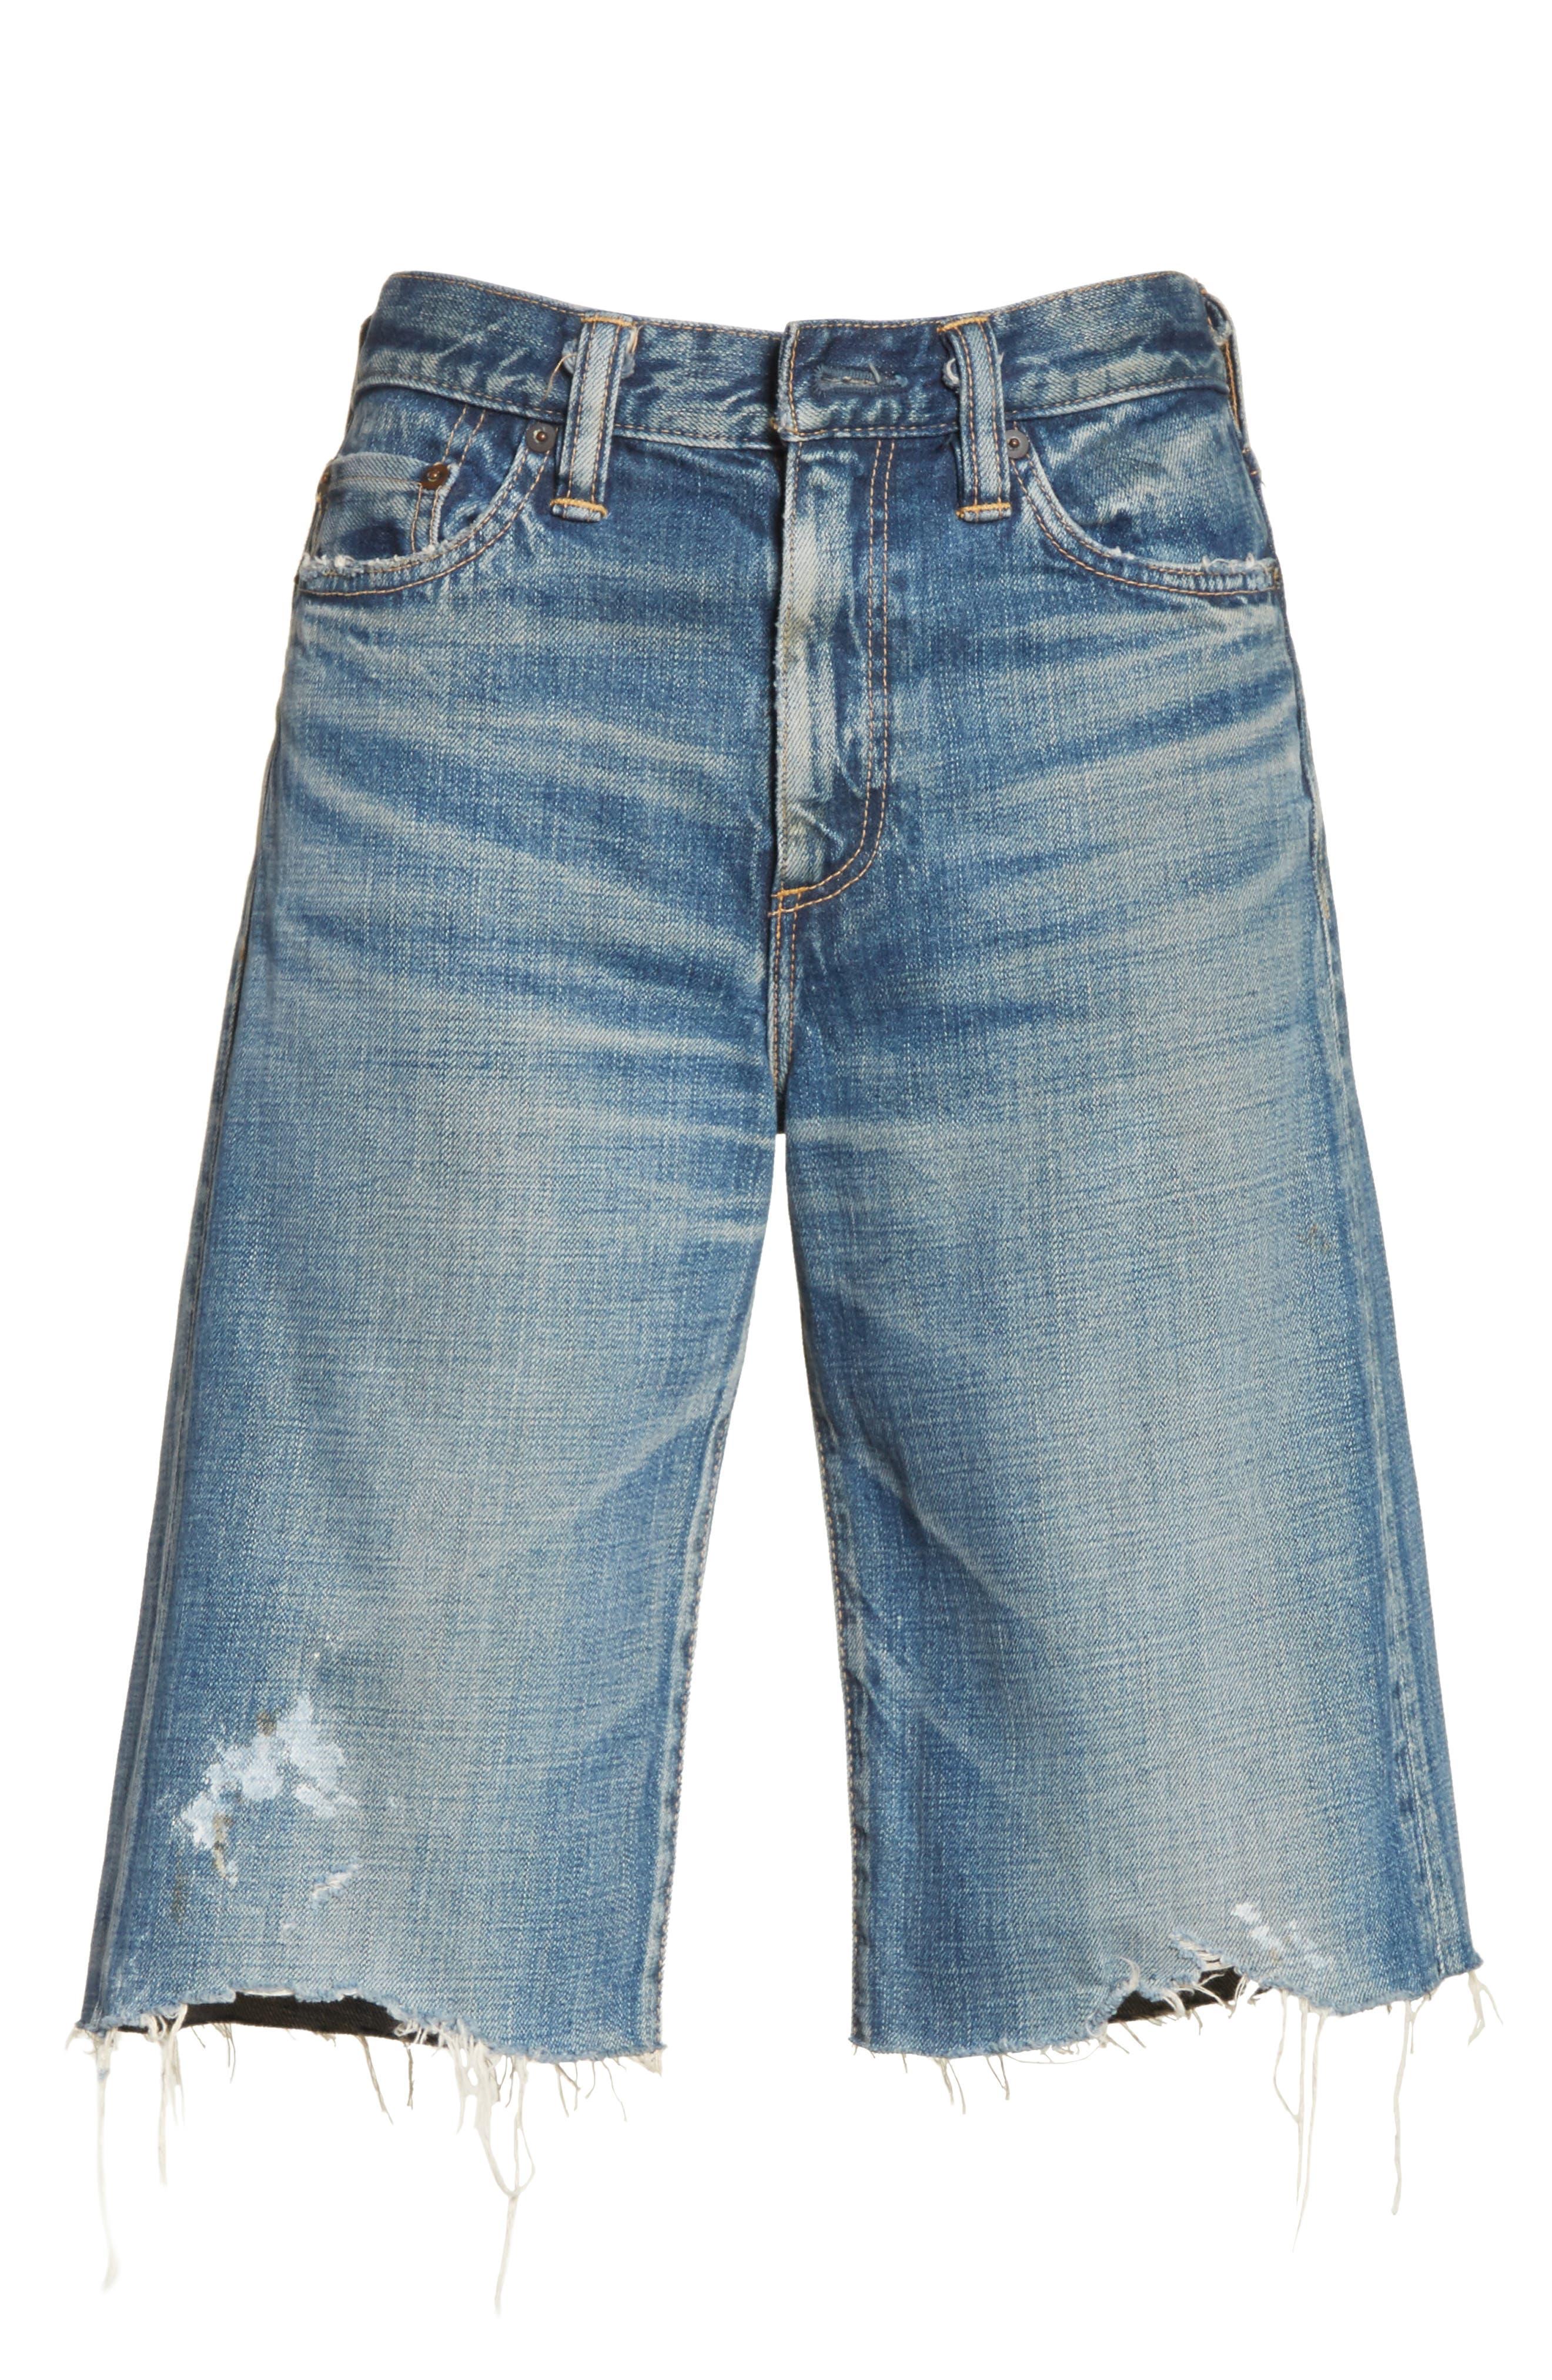 Gannett Denim Shorts,                             Alternate thumbnail 6, color,                             400